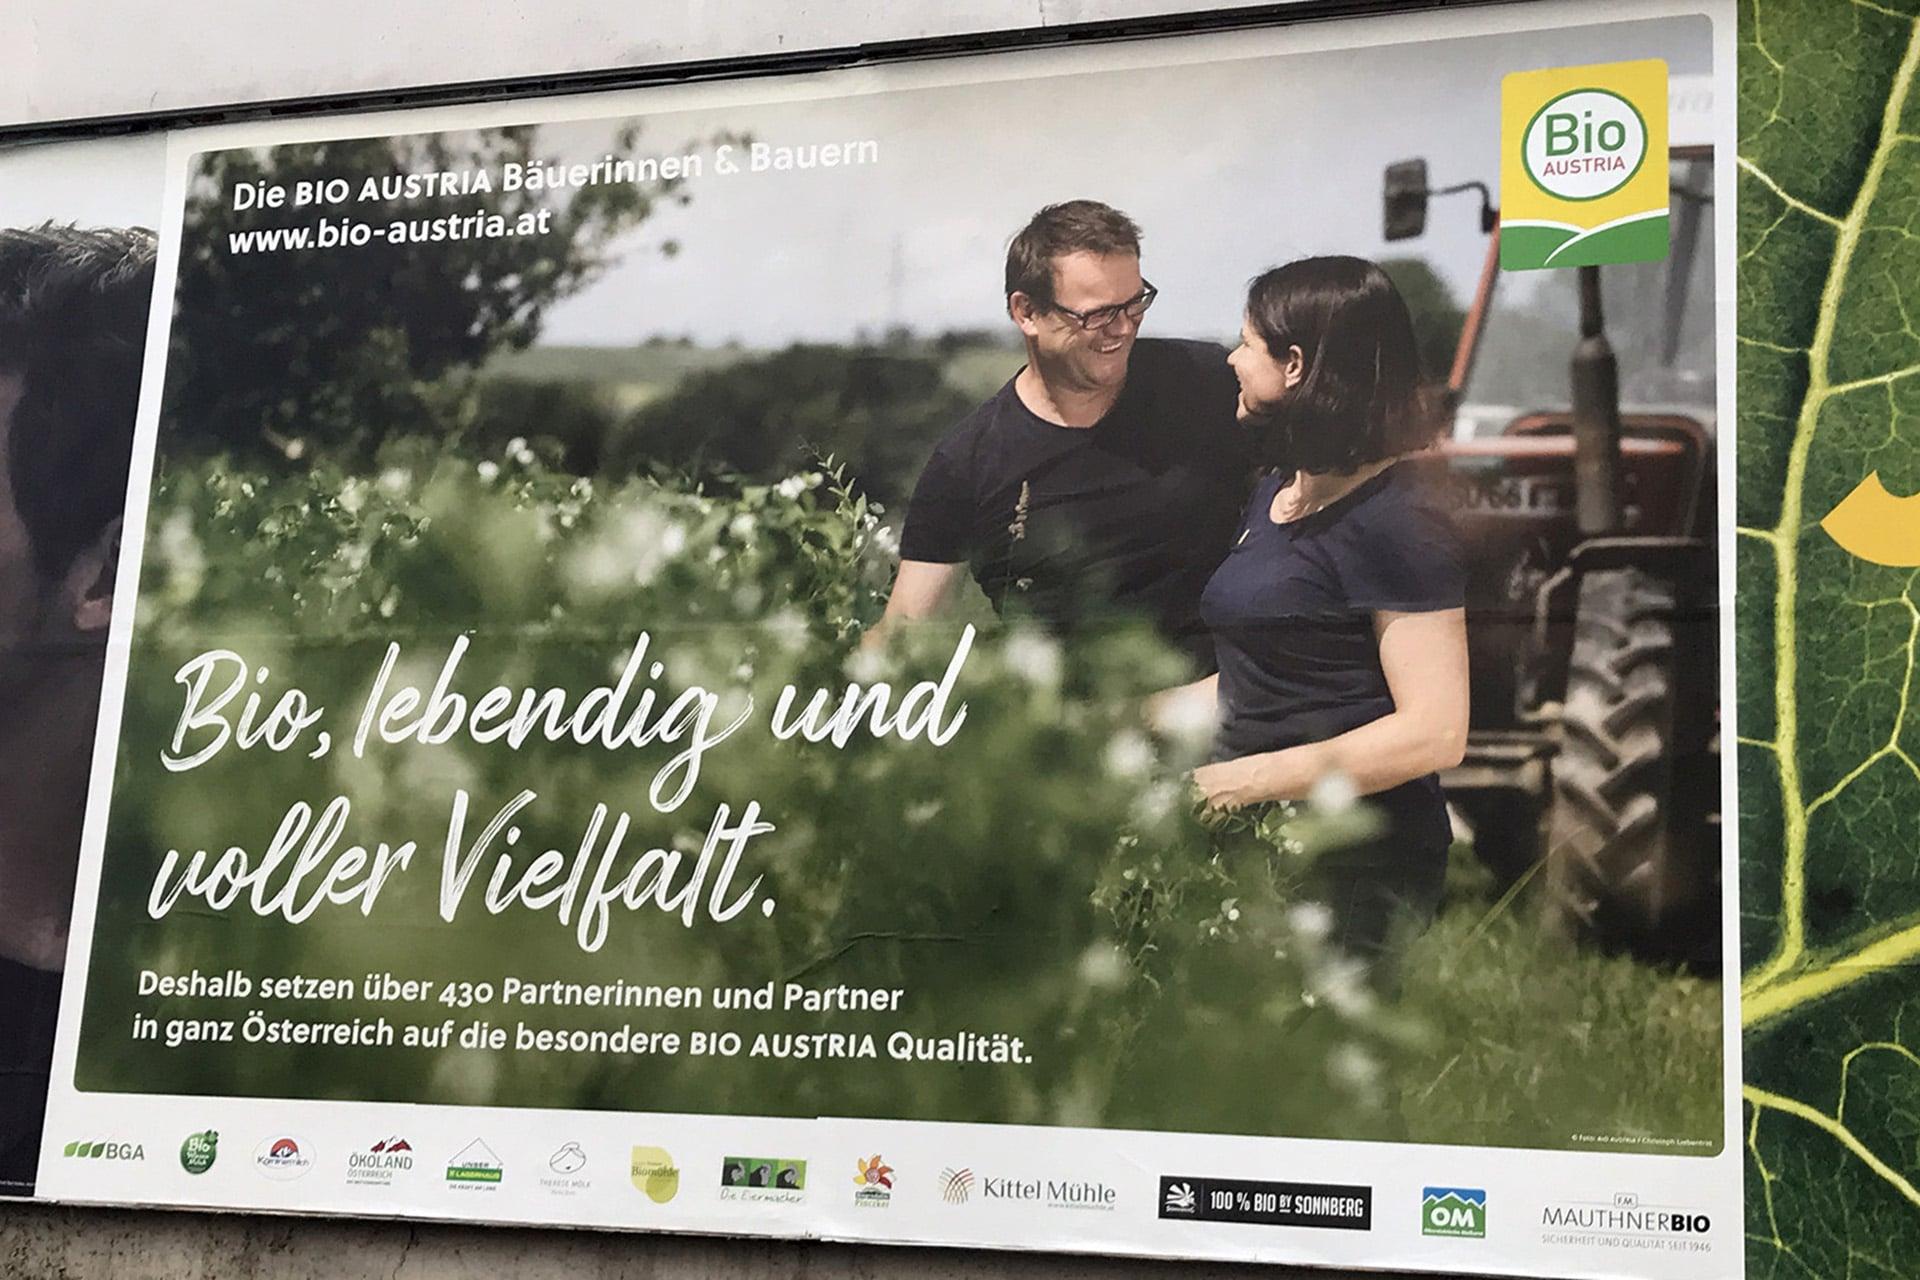 BIO AUSTRIA billboard campaign